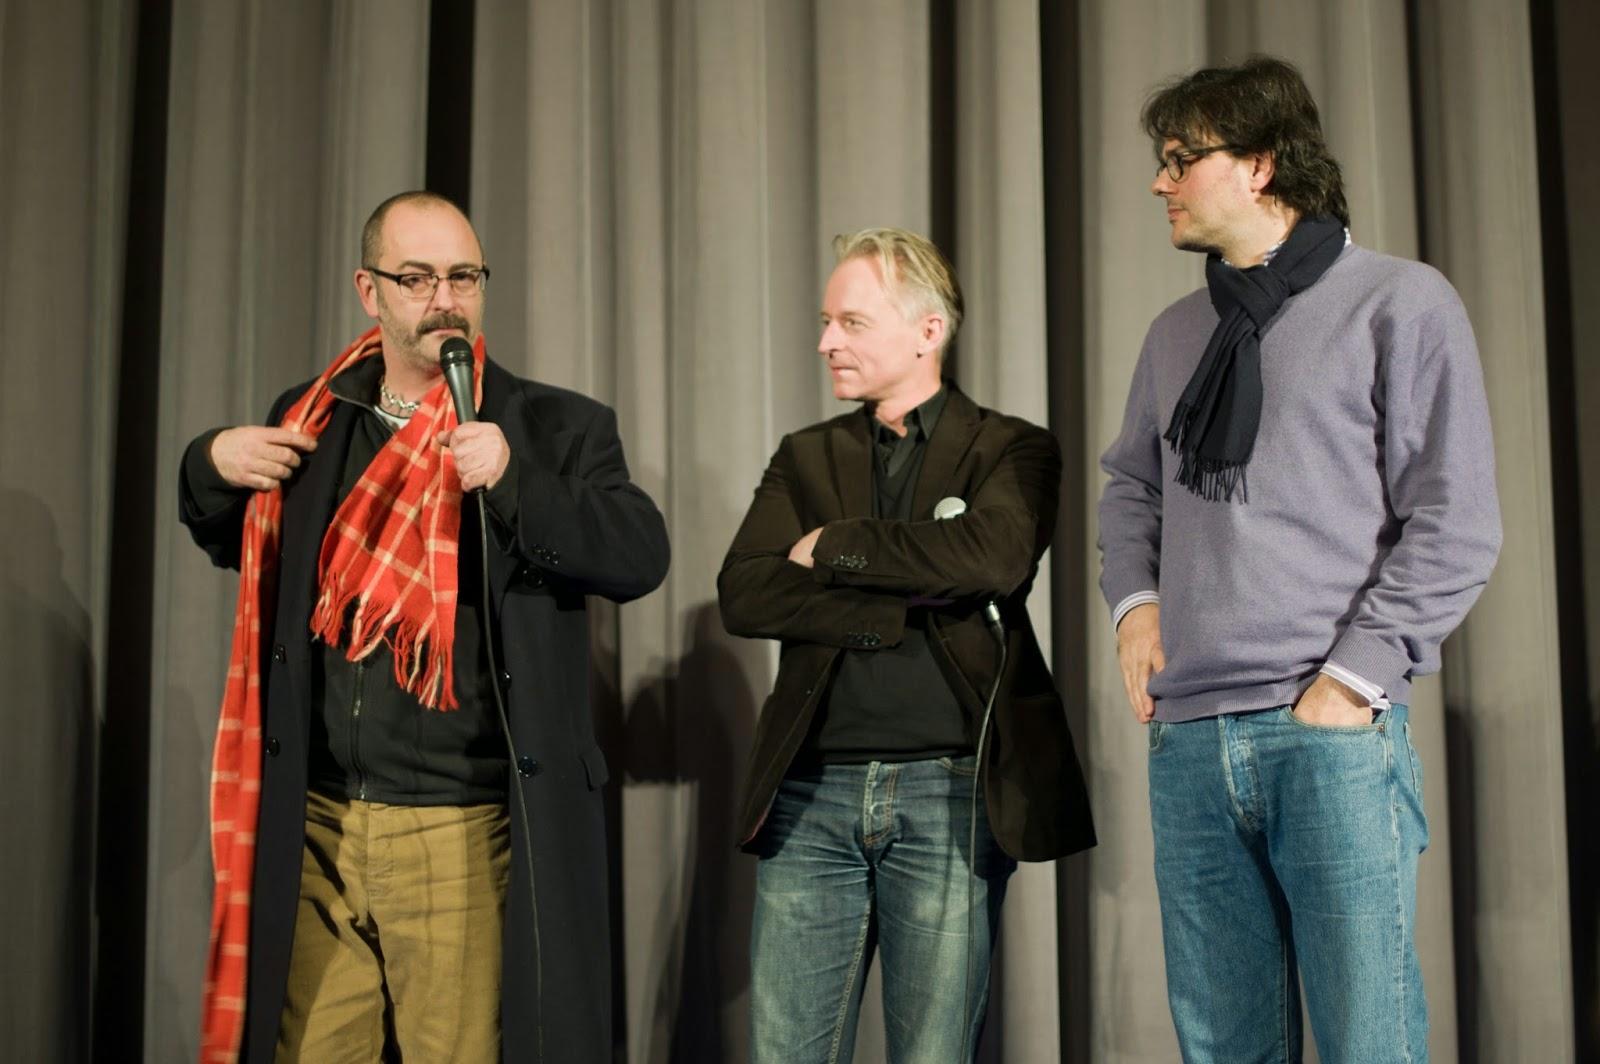 on stage: Douglas Gordon, Olaf Stüber, Ivo Wessel